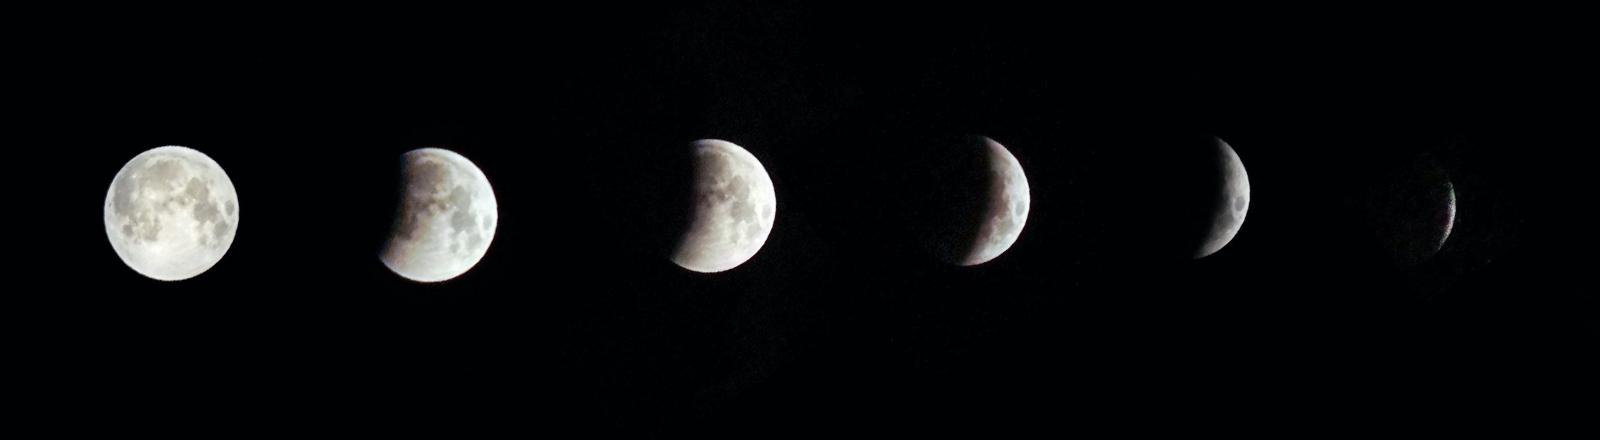 Der Mond in verschiedenen Phasen und Lichtgestalten